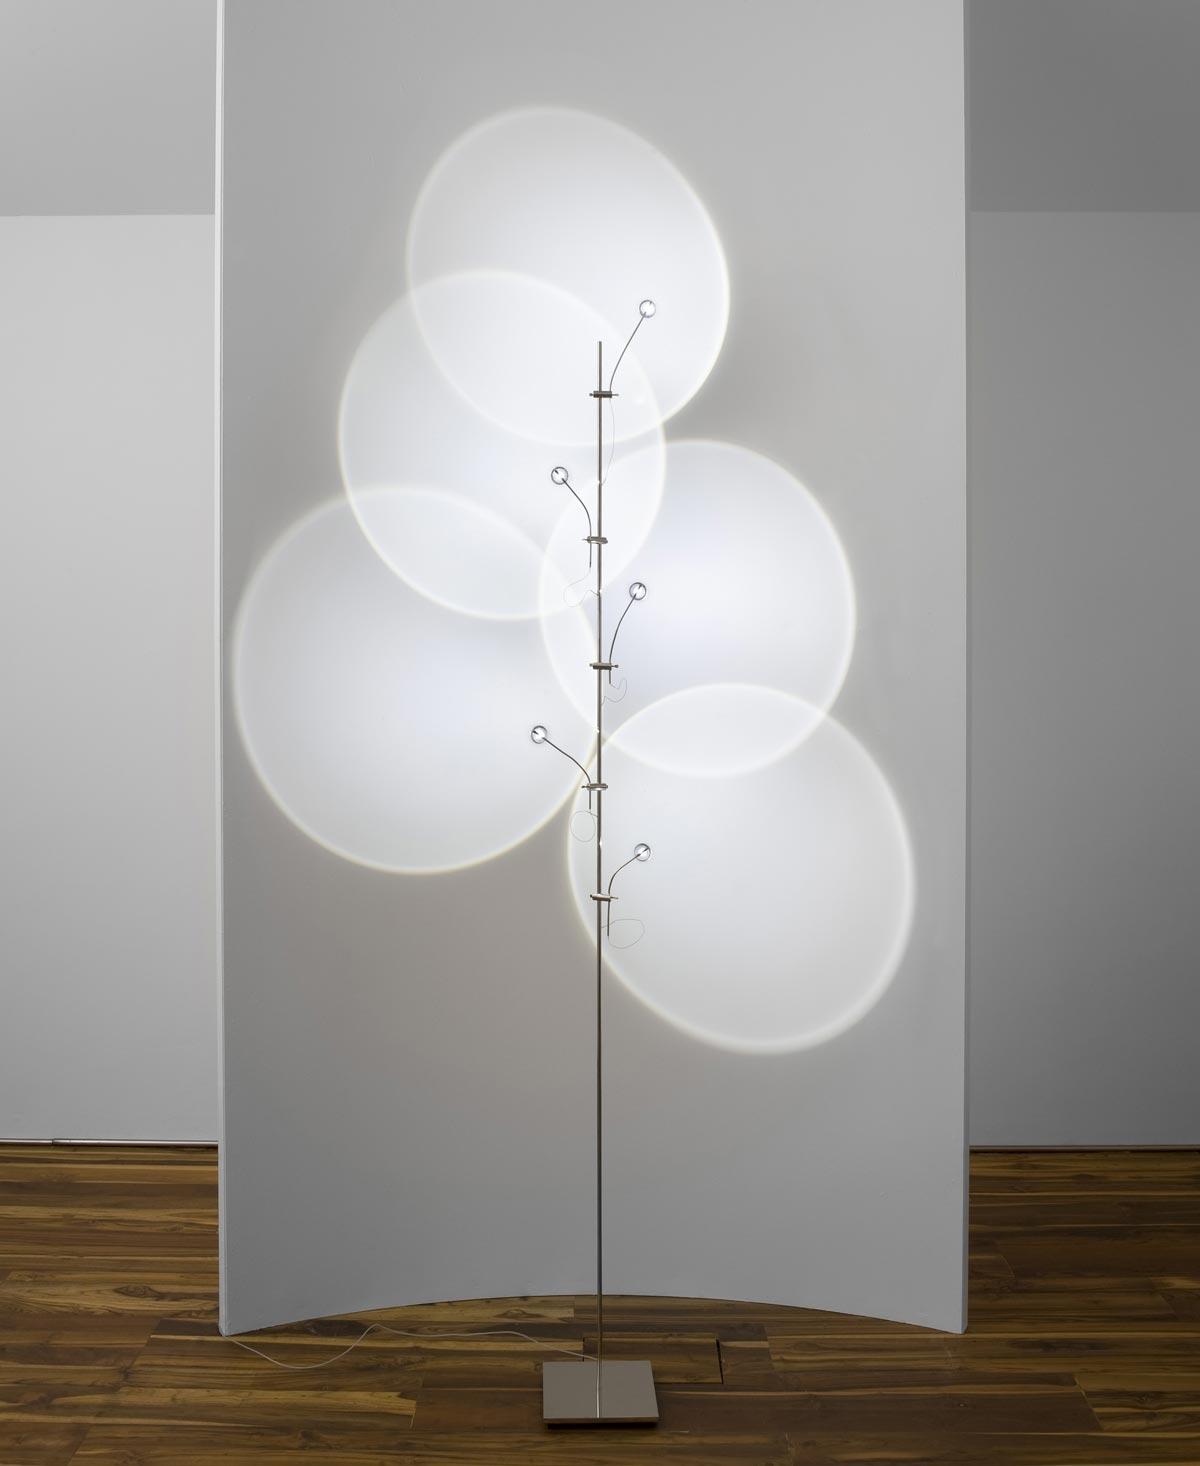 cignoli-elettroforniture-lampade-fontana-arte-icone-artemide-flos-antonangeli-catellani-e-smith-promozione-offerta-40